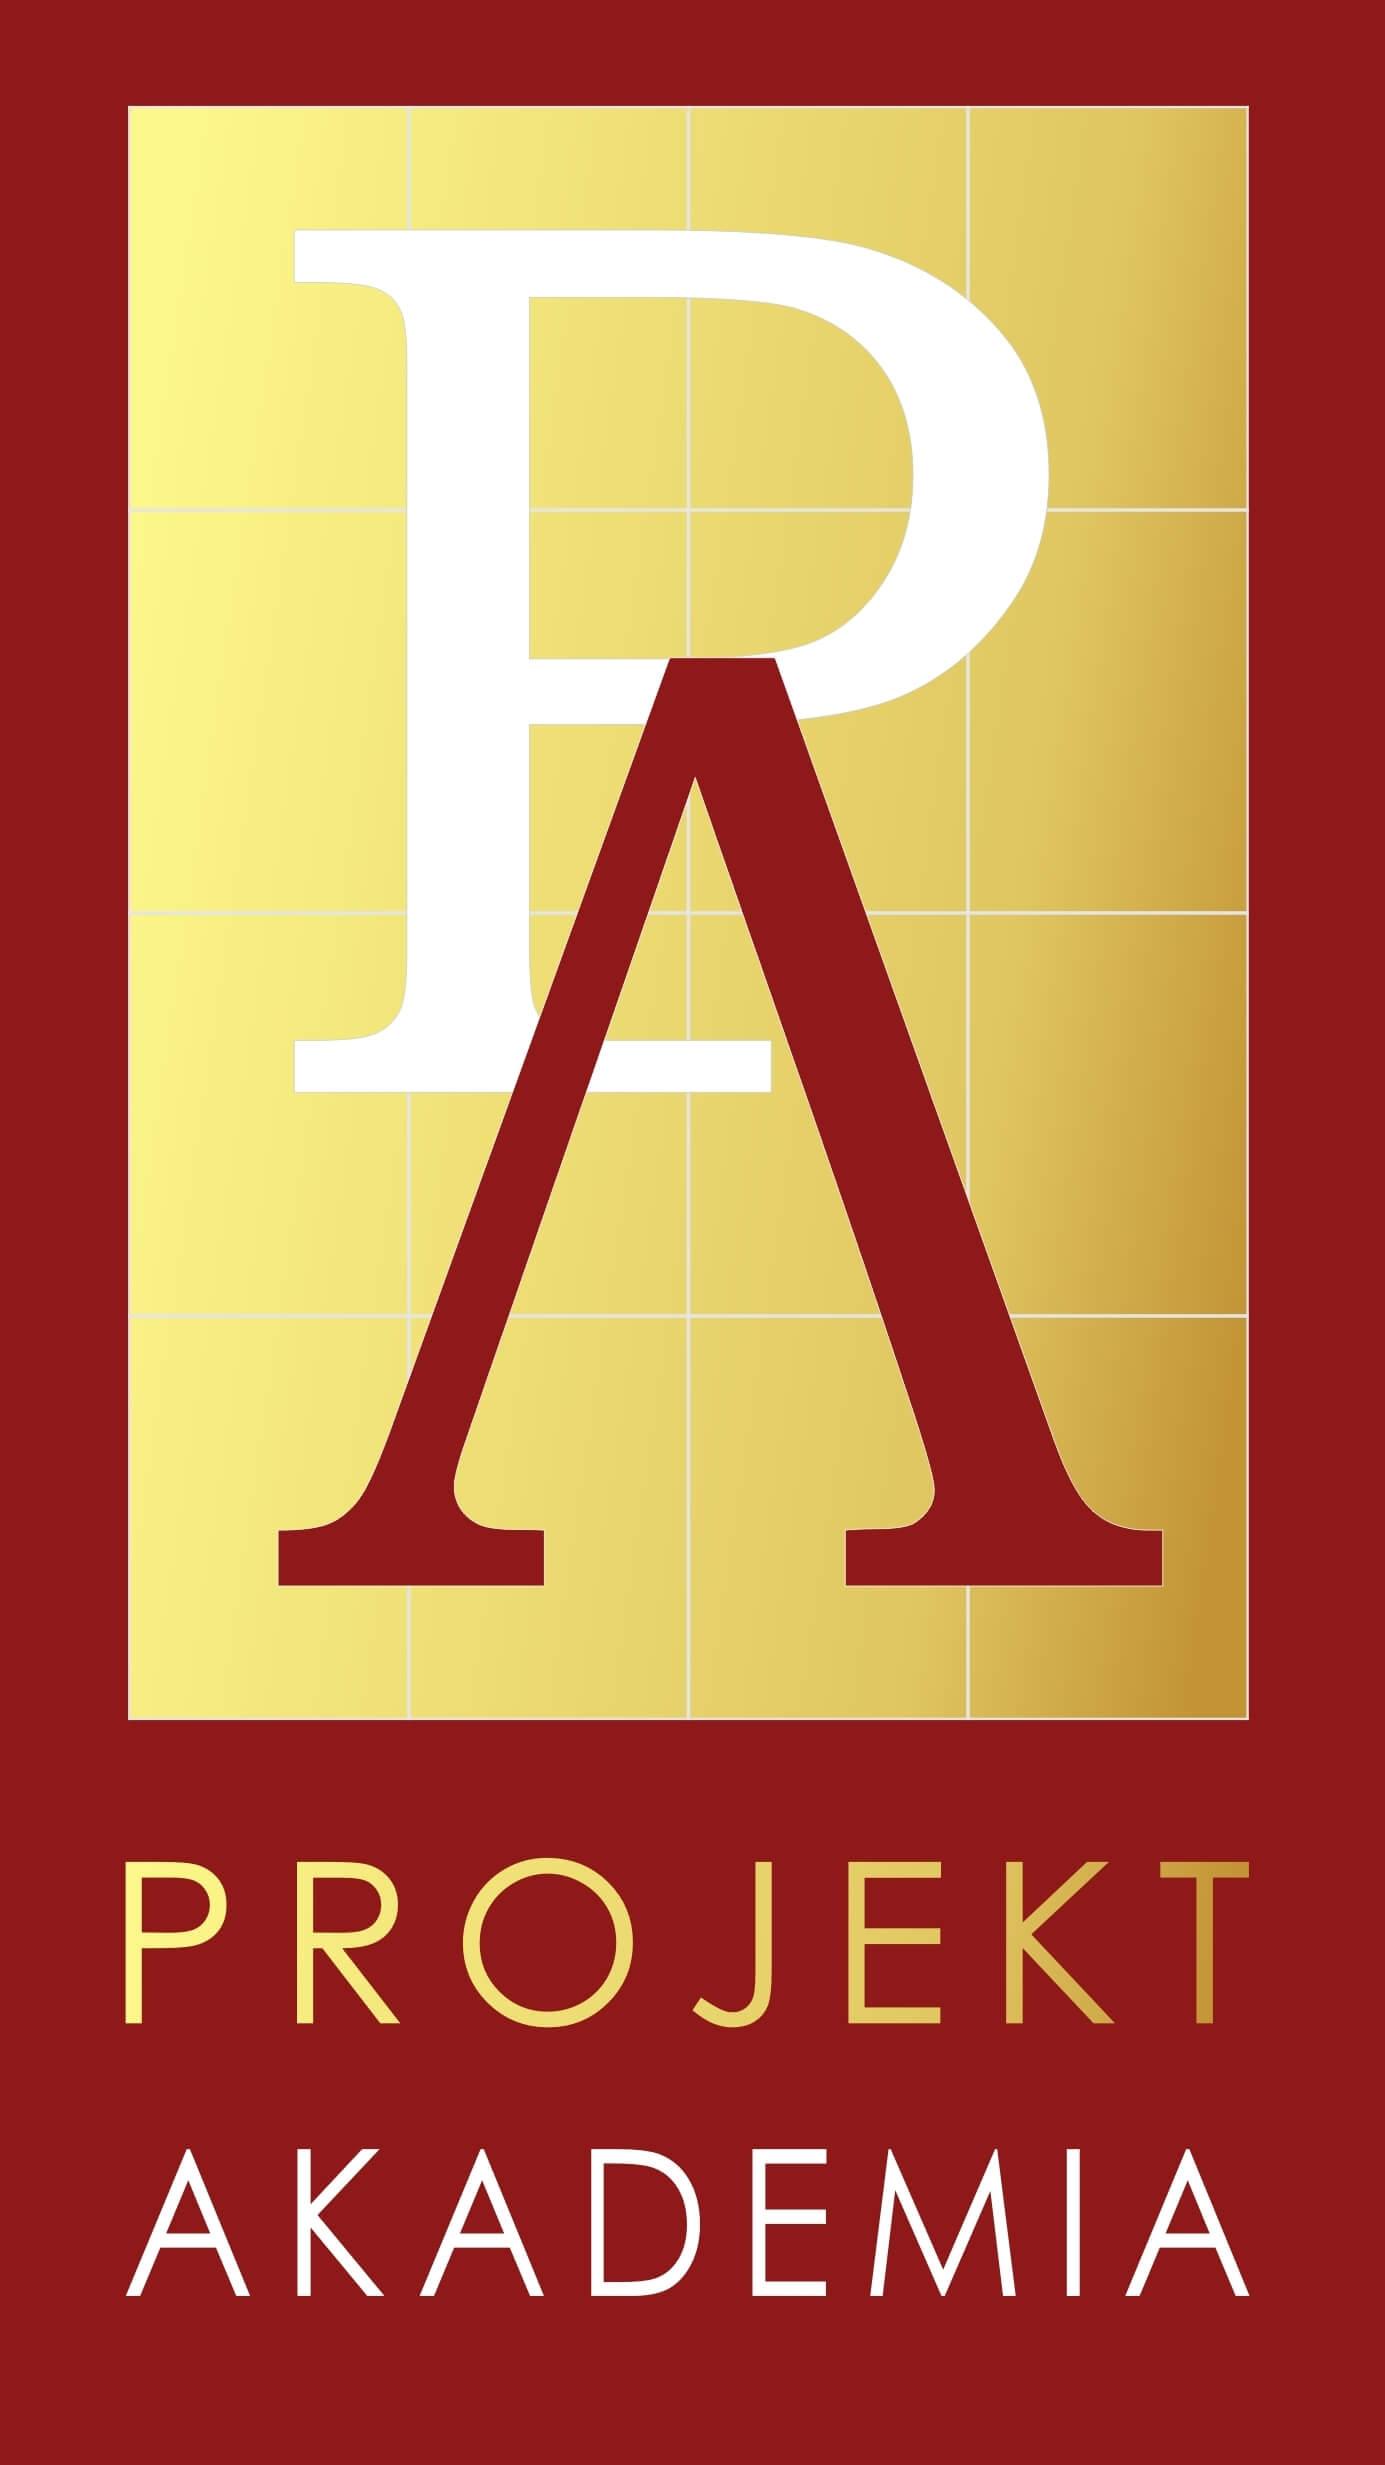 Projekt Akademia